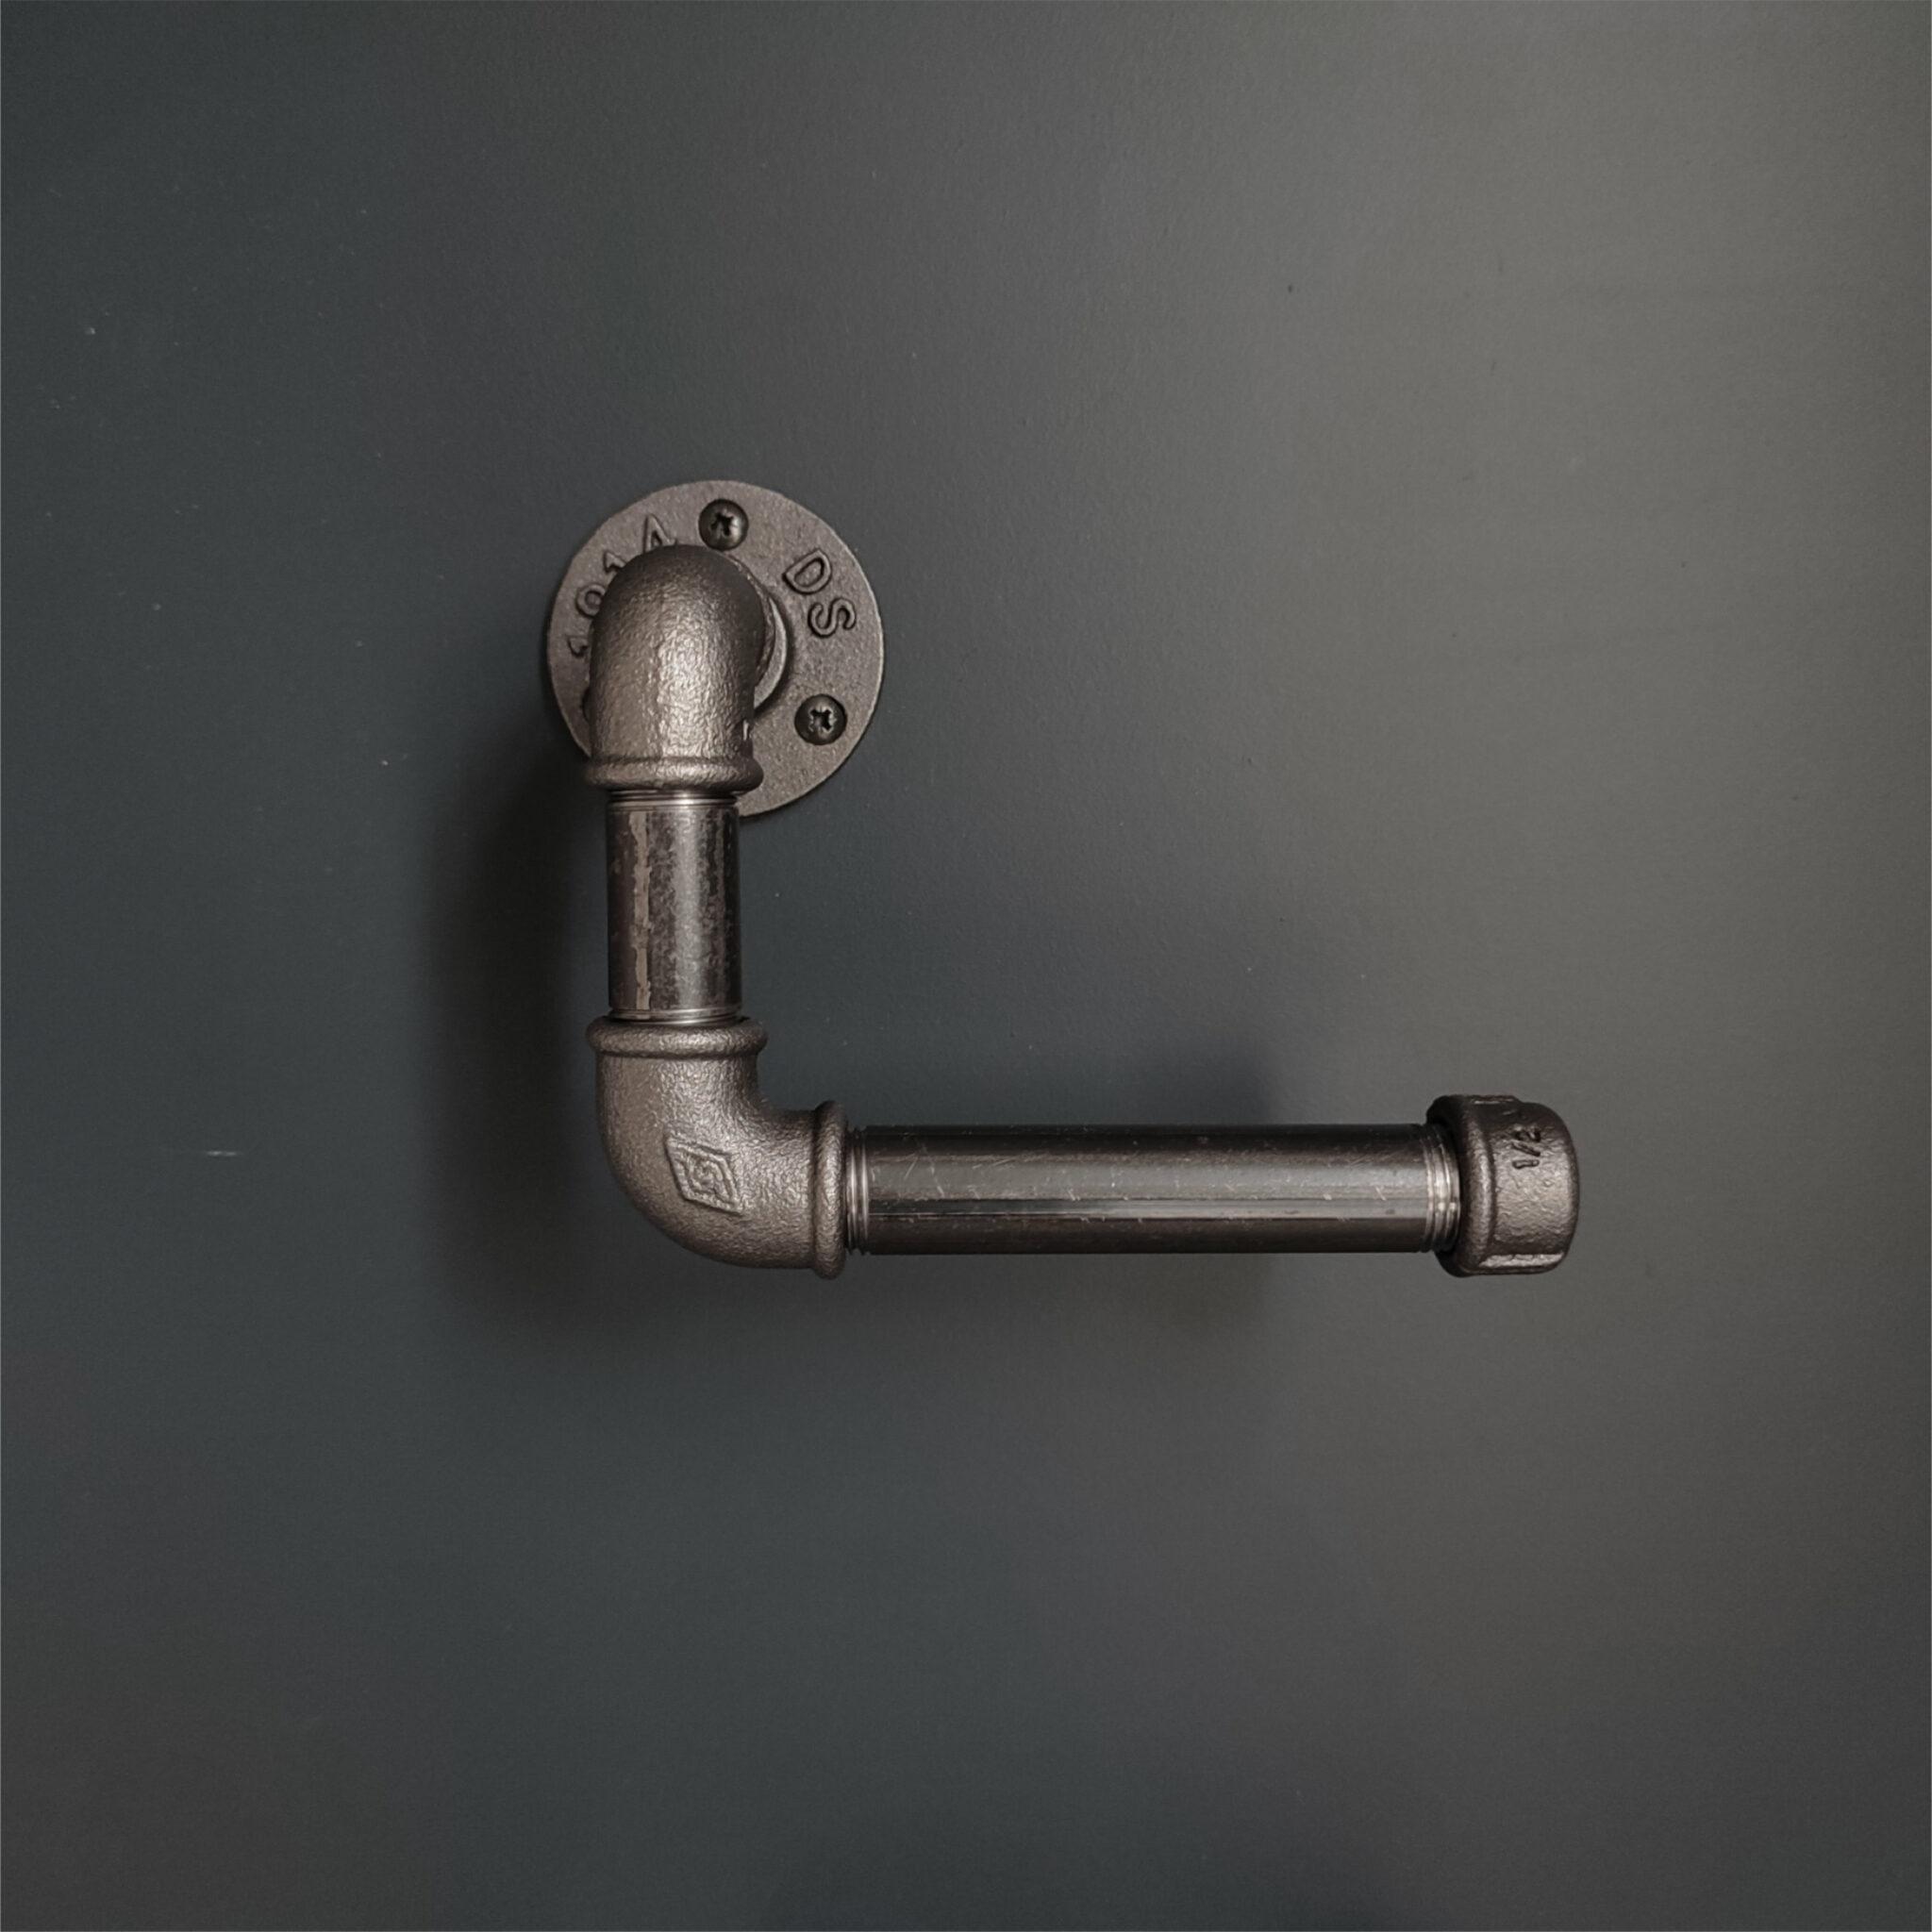 Porte rouleau WC – coude – Assemblé – MCFK0120012C1PA1